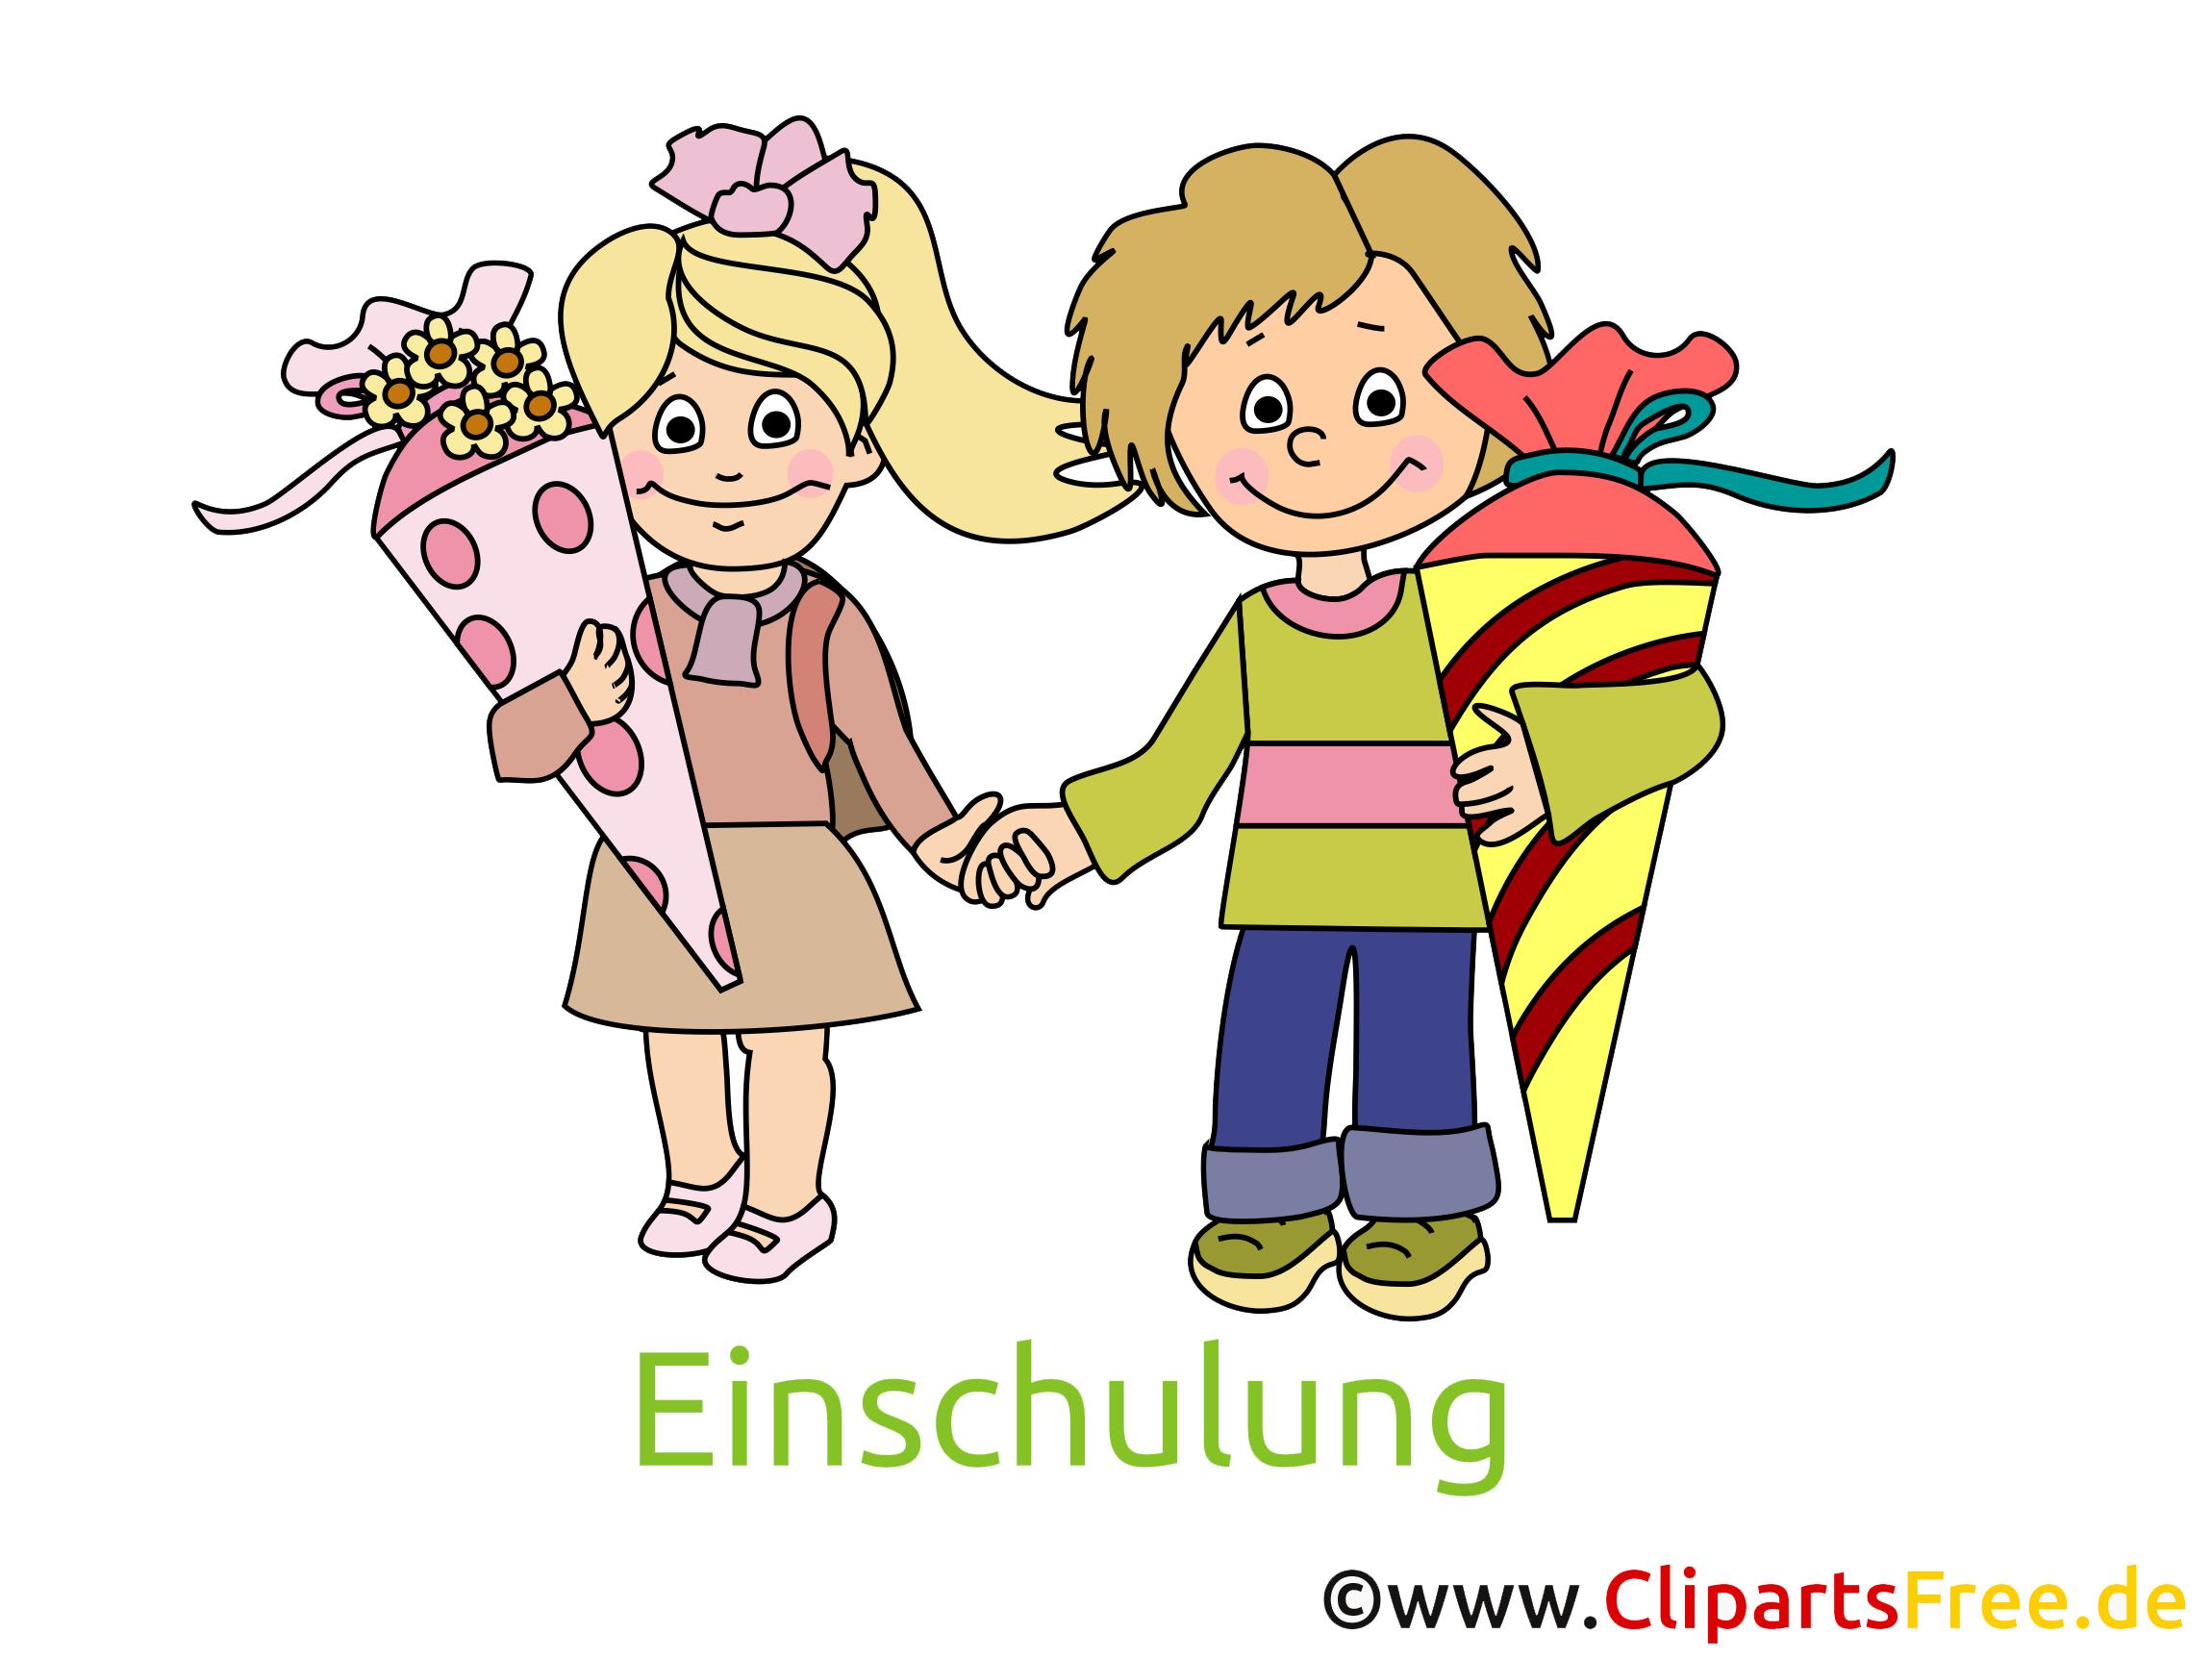 clipart schule kindergarten - photo #42